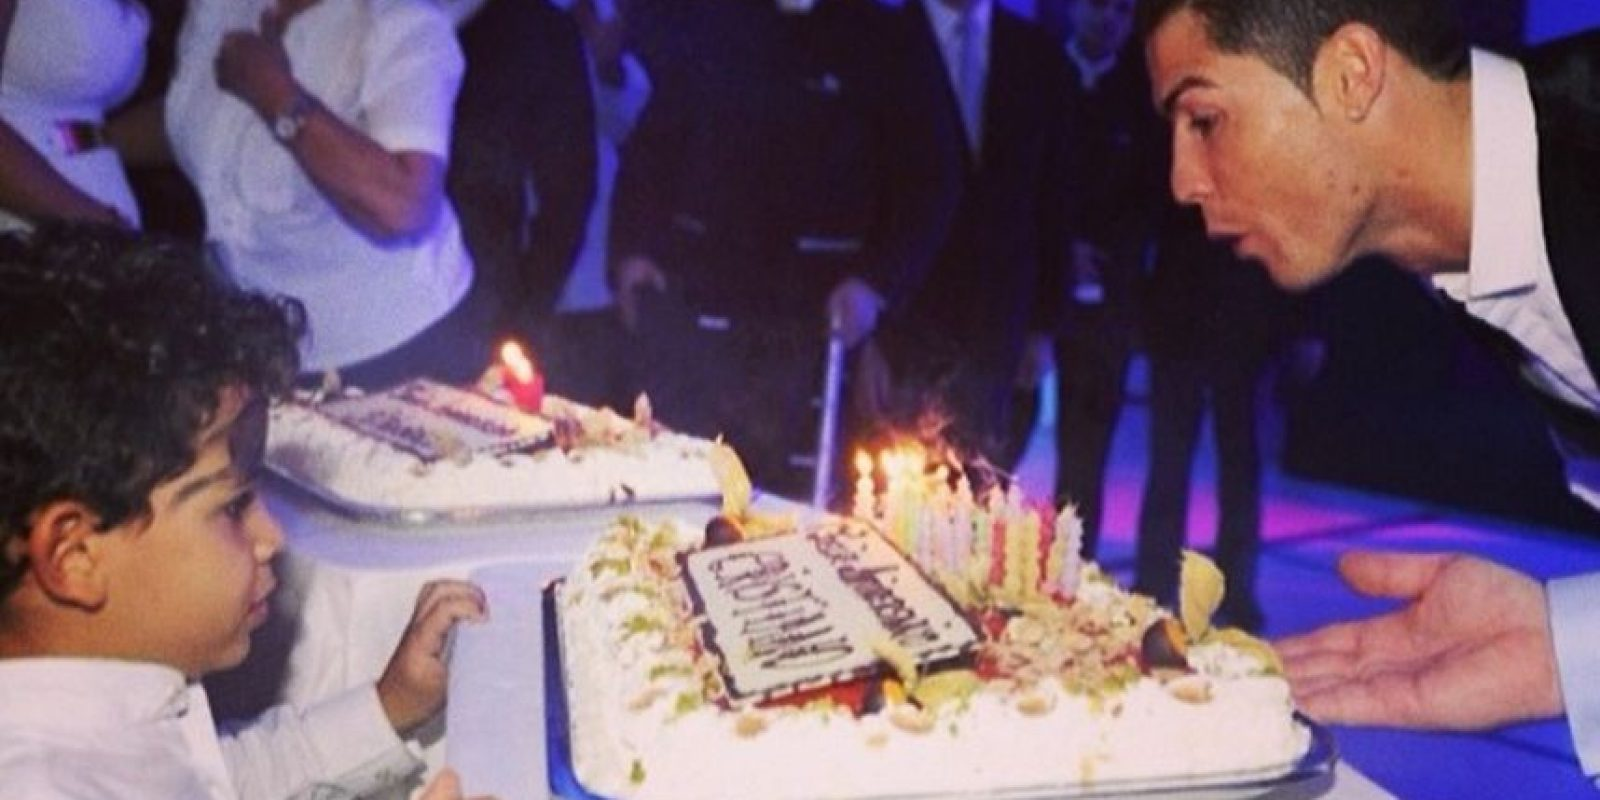 En los festejos de cumpleaños siempre están juntos. Foto:instagram.com/cristiano